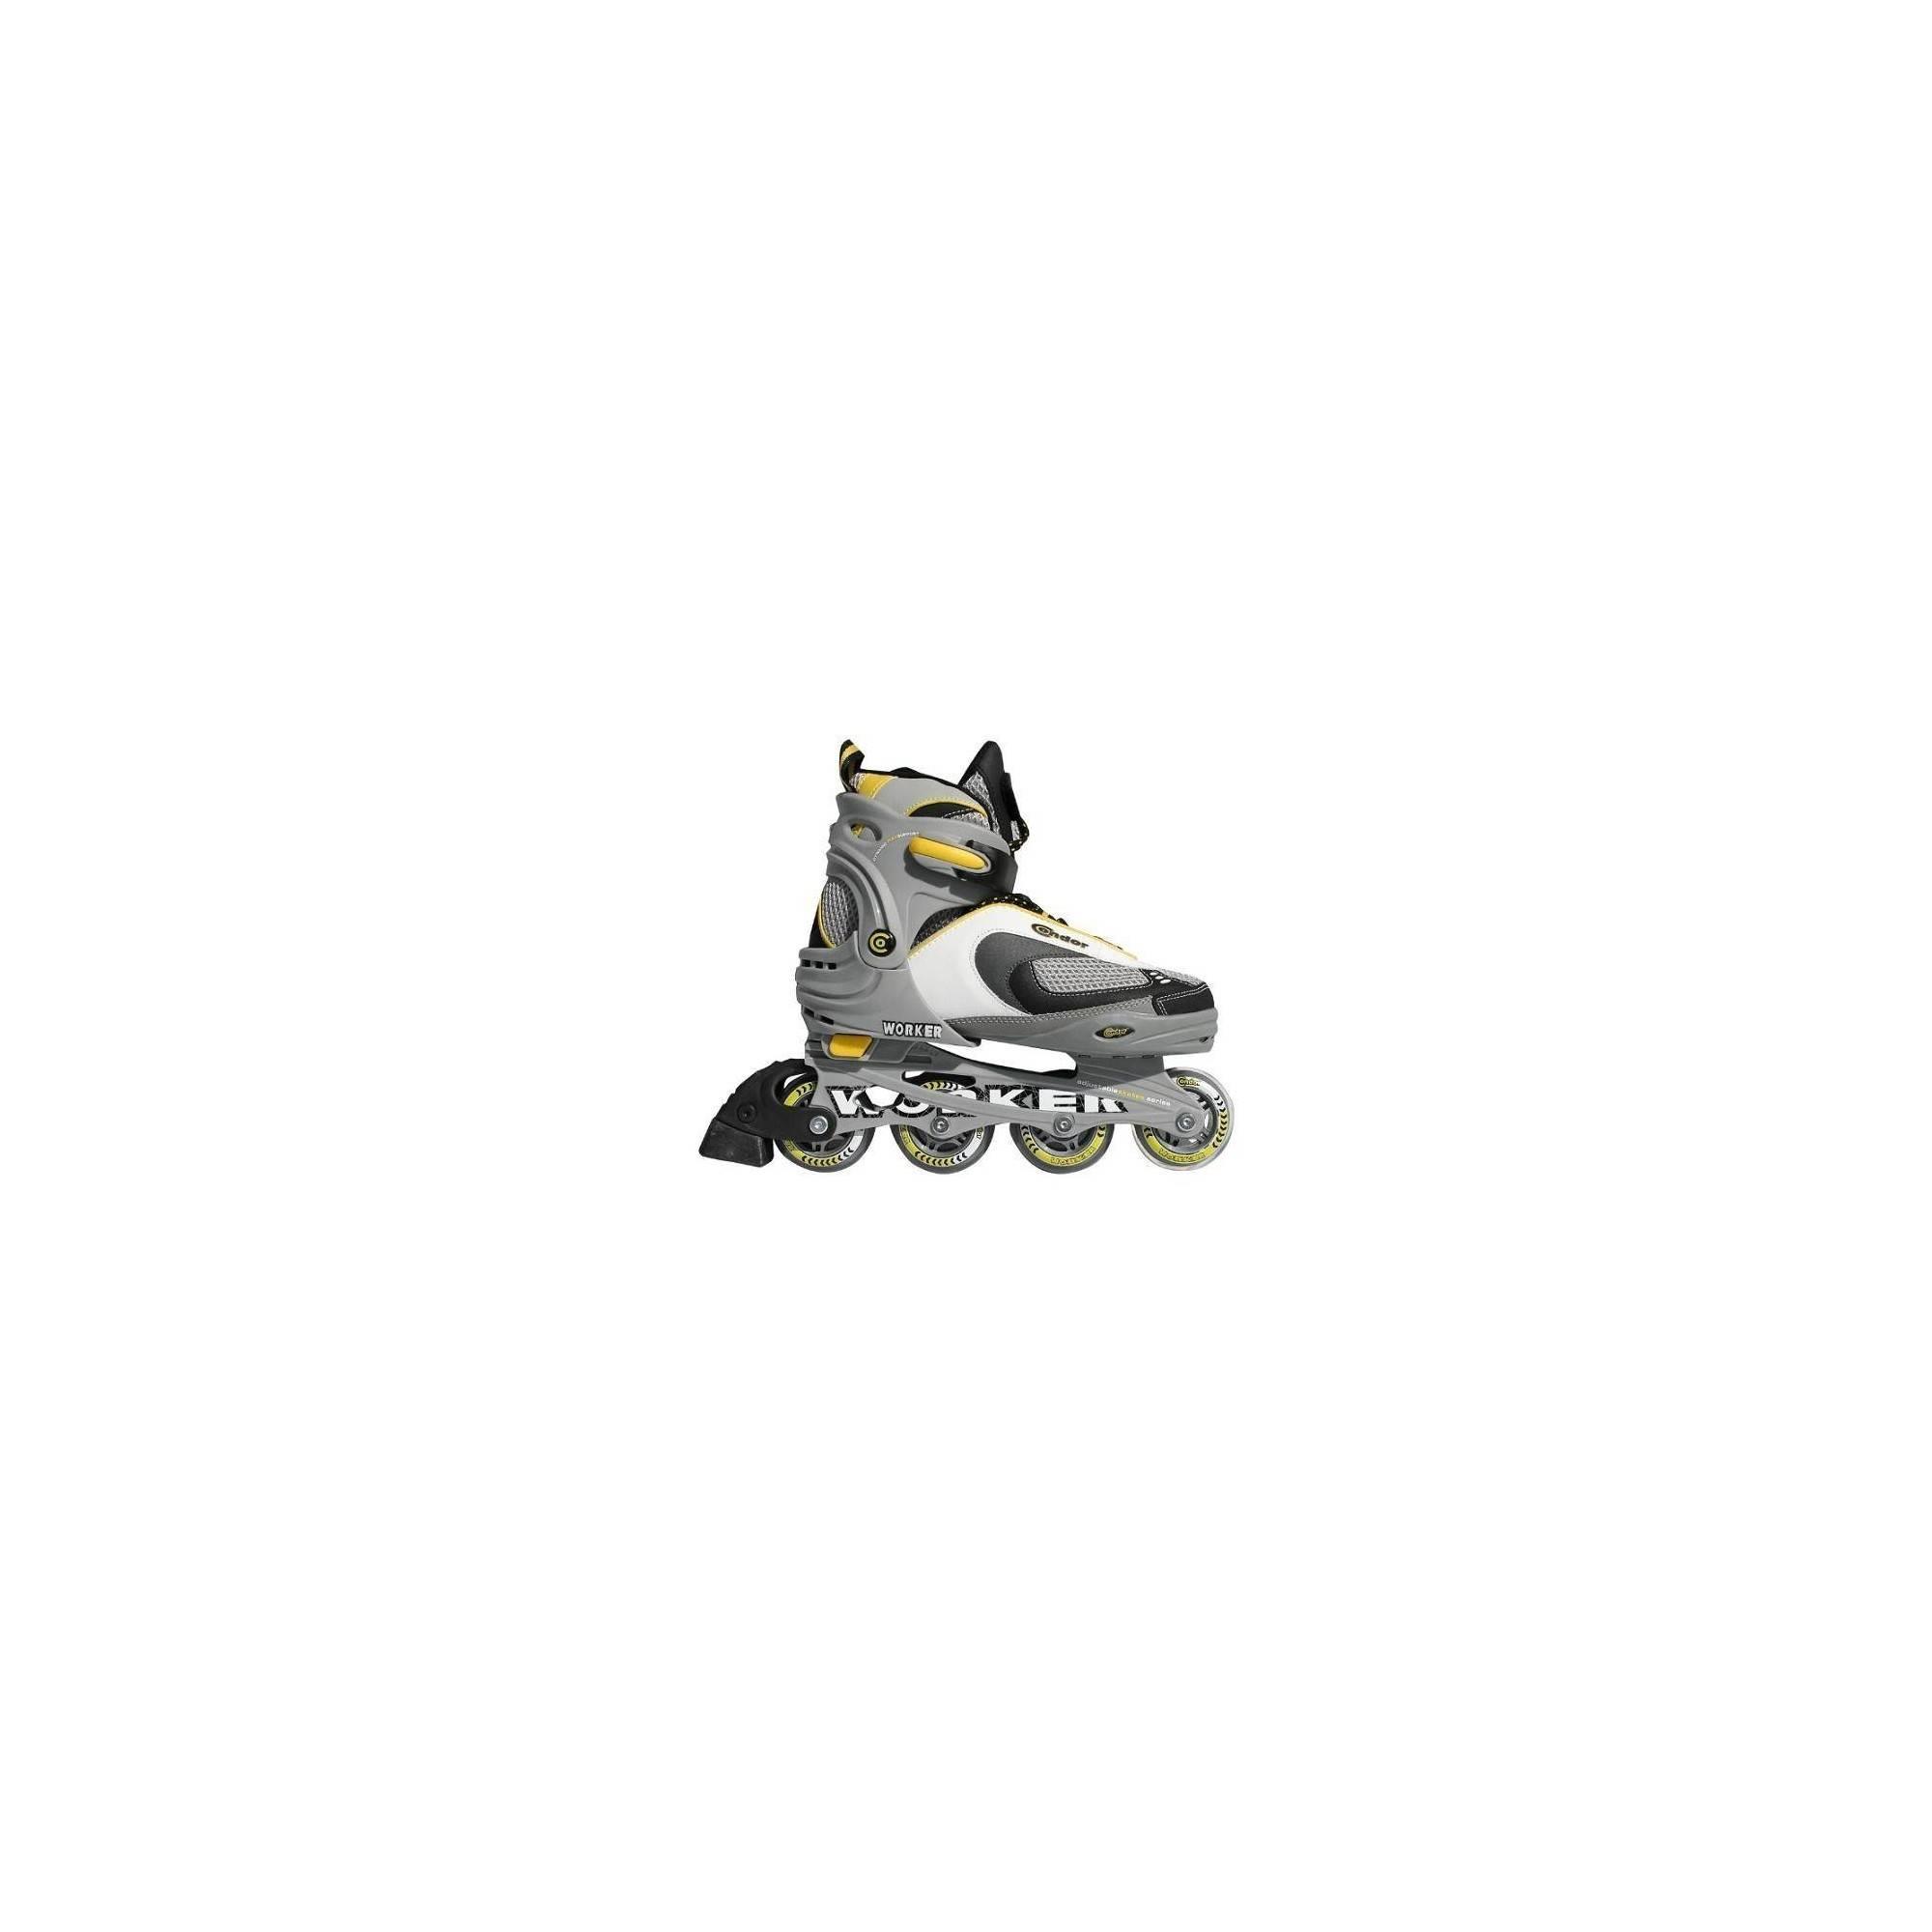 Rolki rekreacyjne Worker Condor | regulowane | rozmiar S (30-33),producent: WORKER, zdjecie photo: 1 | online shop klubfitness.p